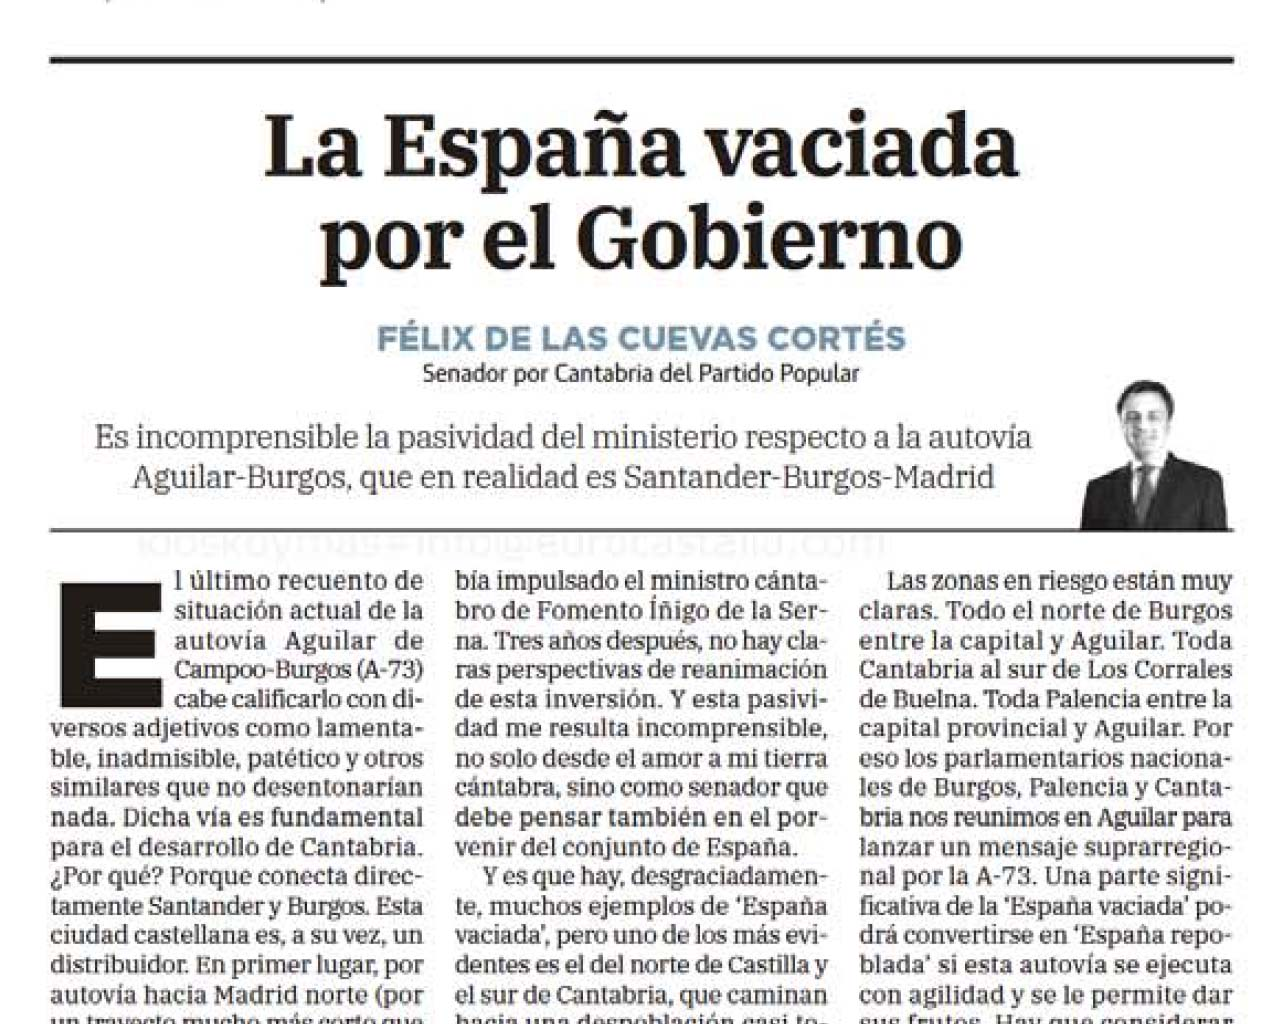 La España vaciada por el Gobierno